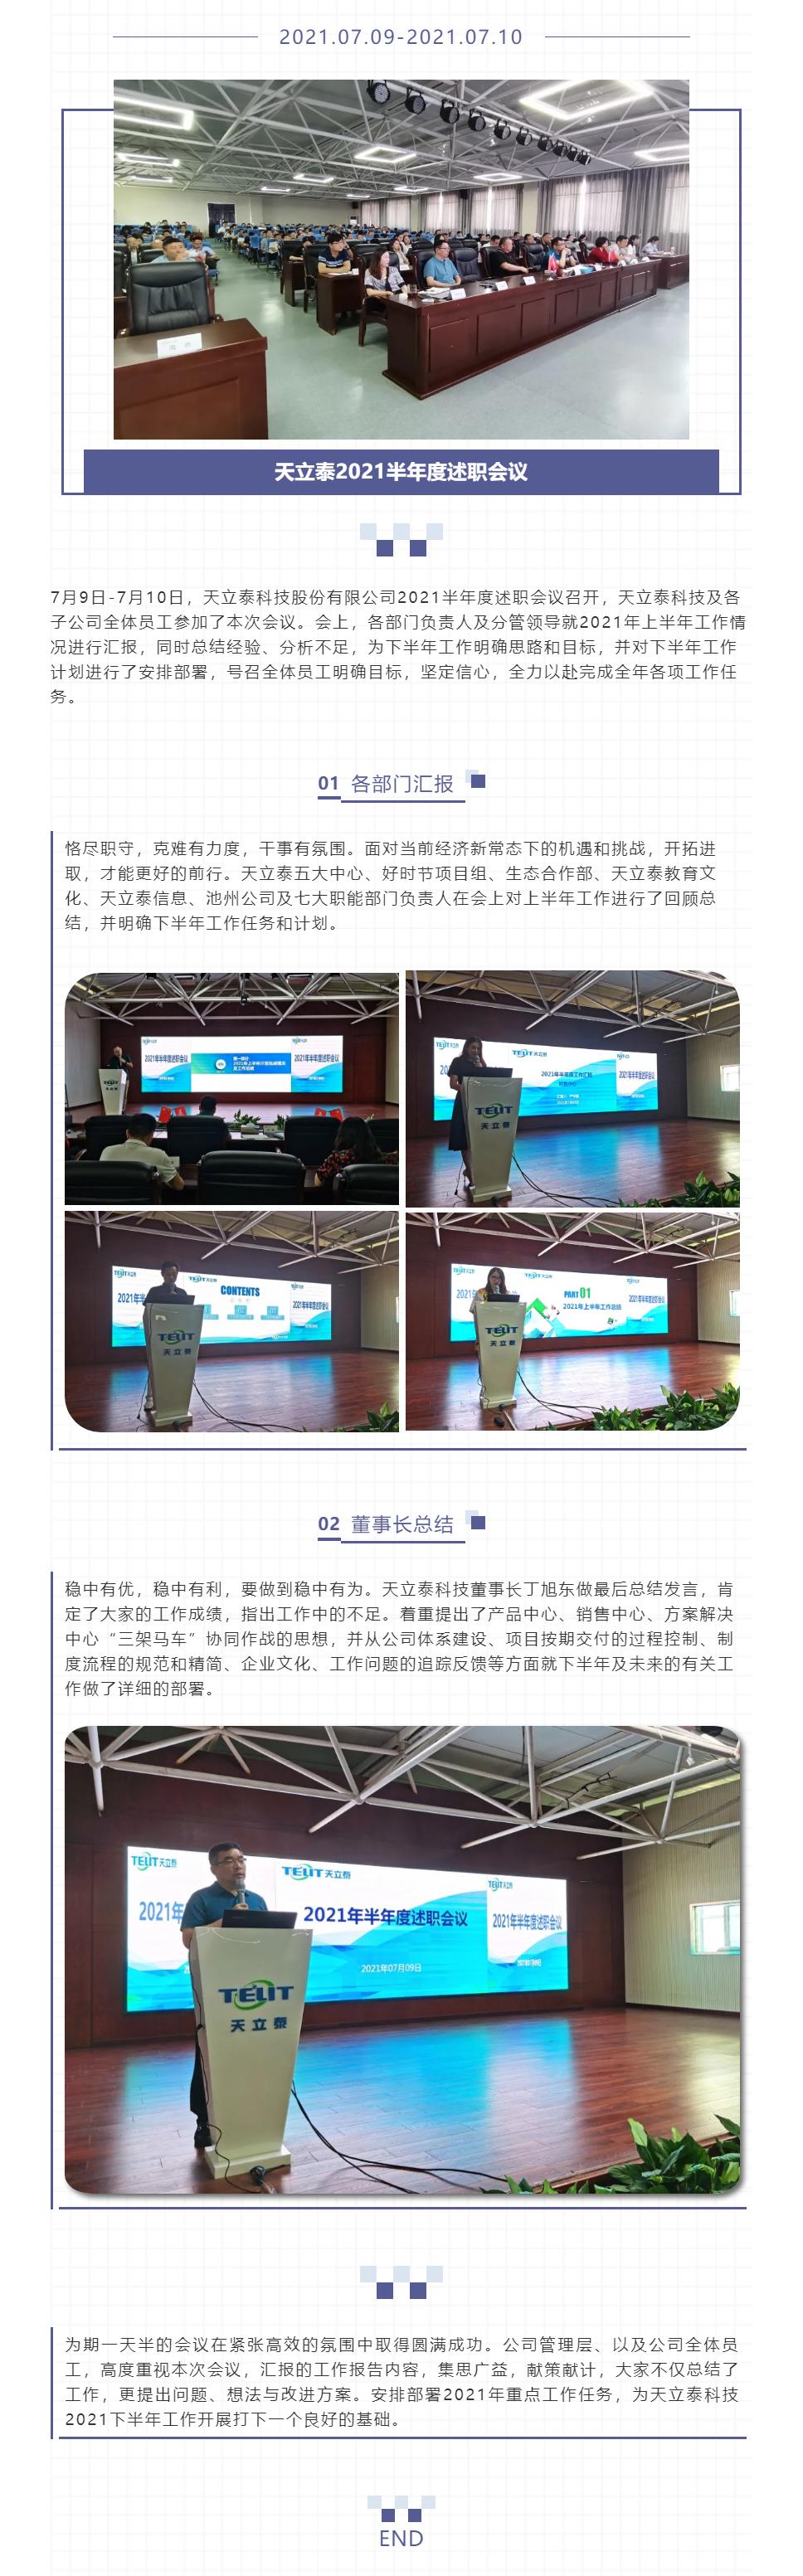 乘势而上 聚力前行 _ yabo88vip1com登录2021半年度述职会议圆满举行.png